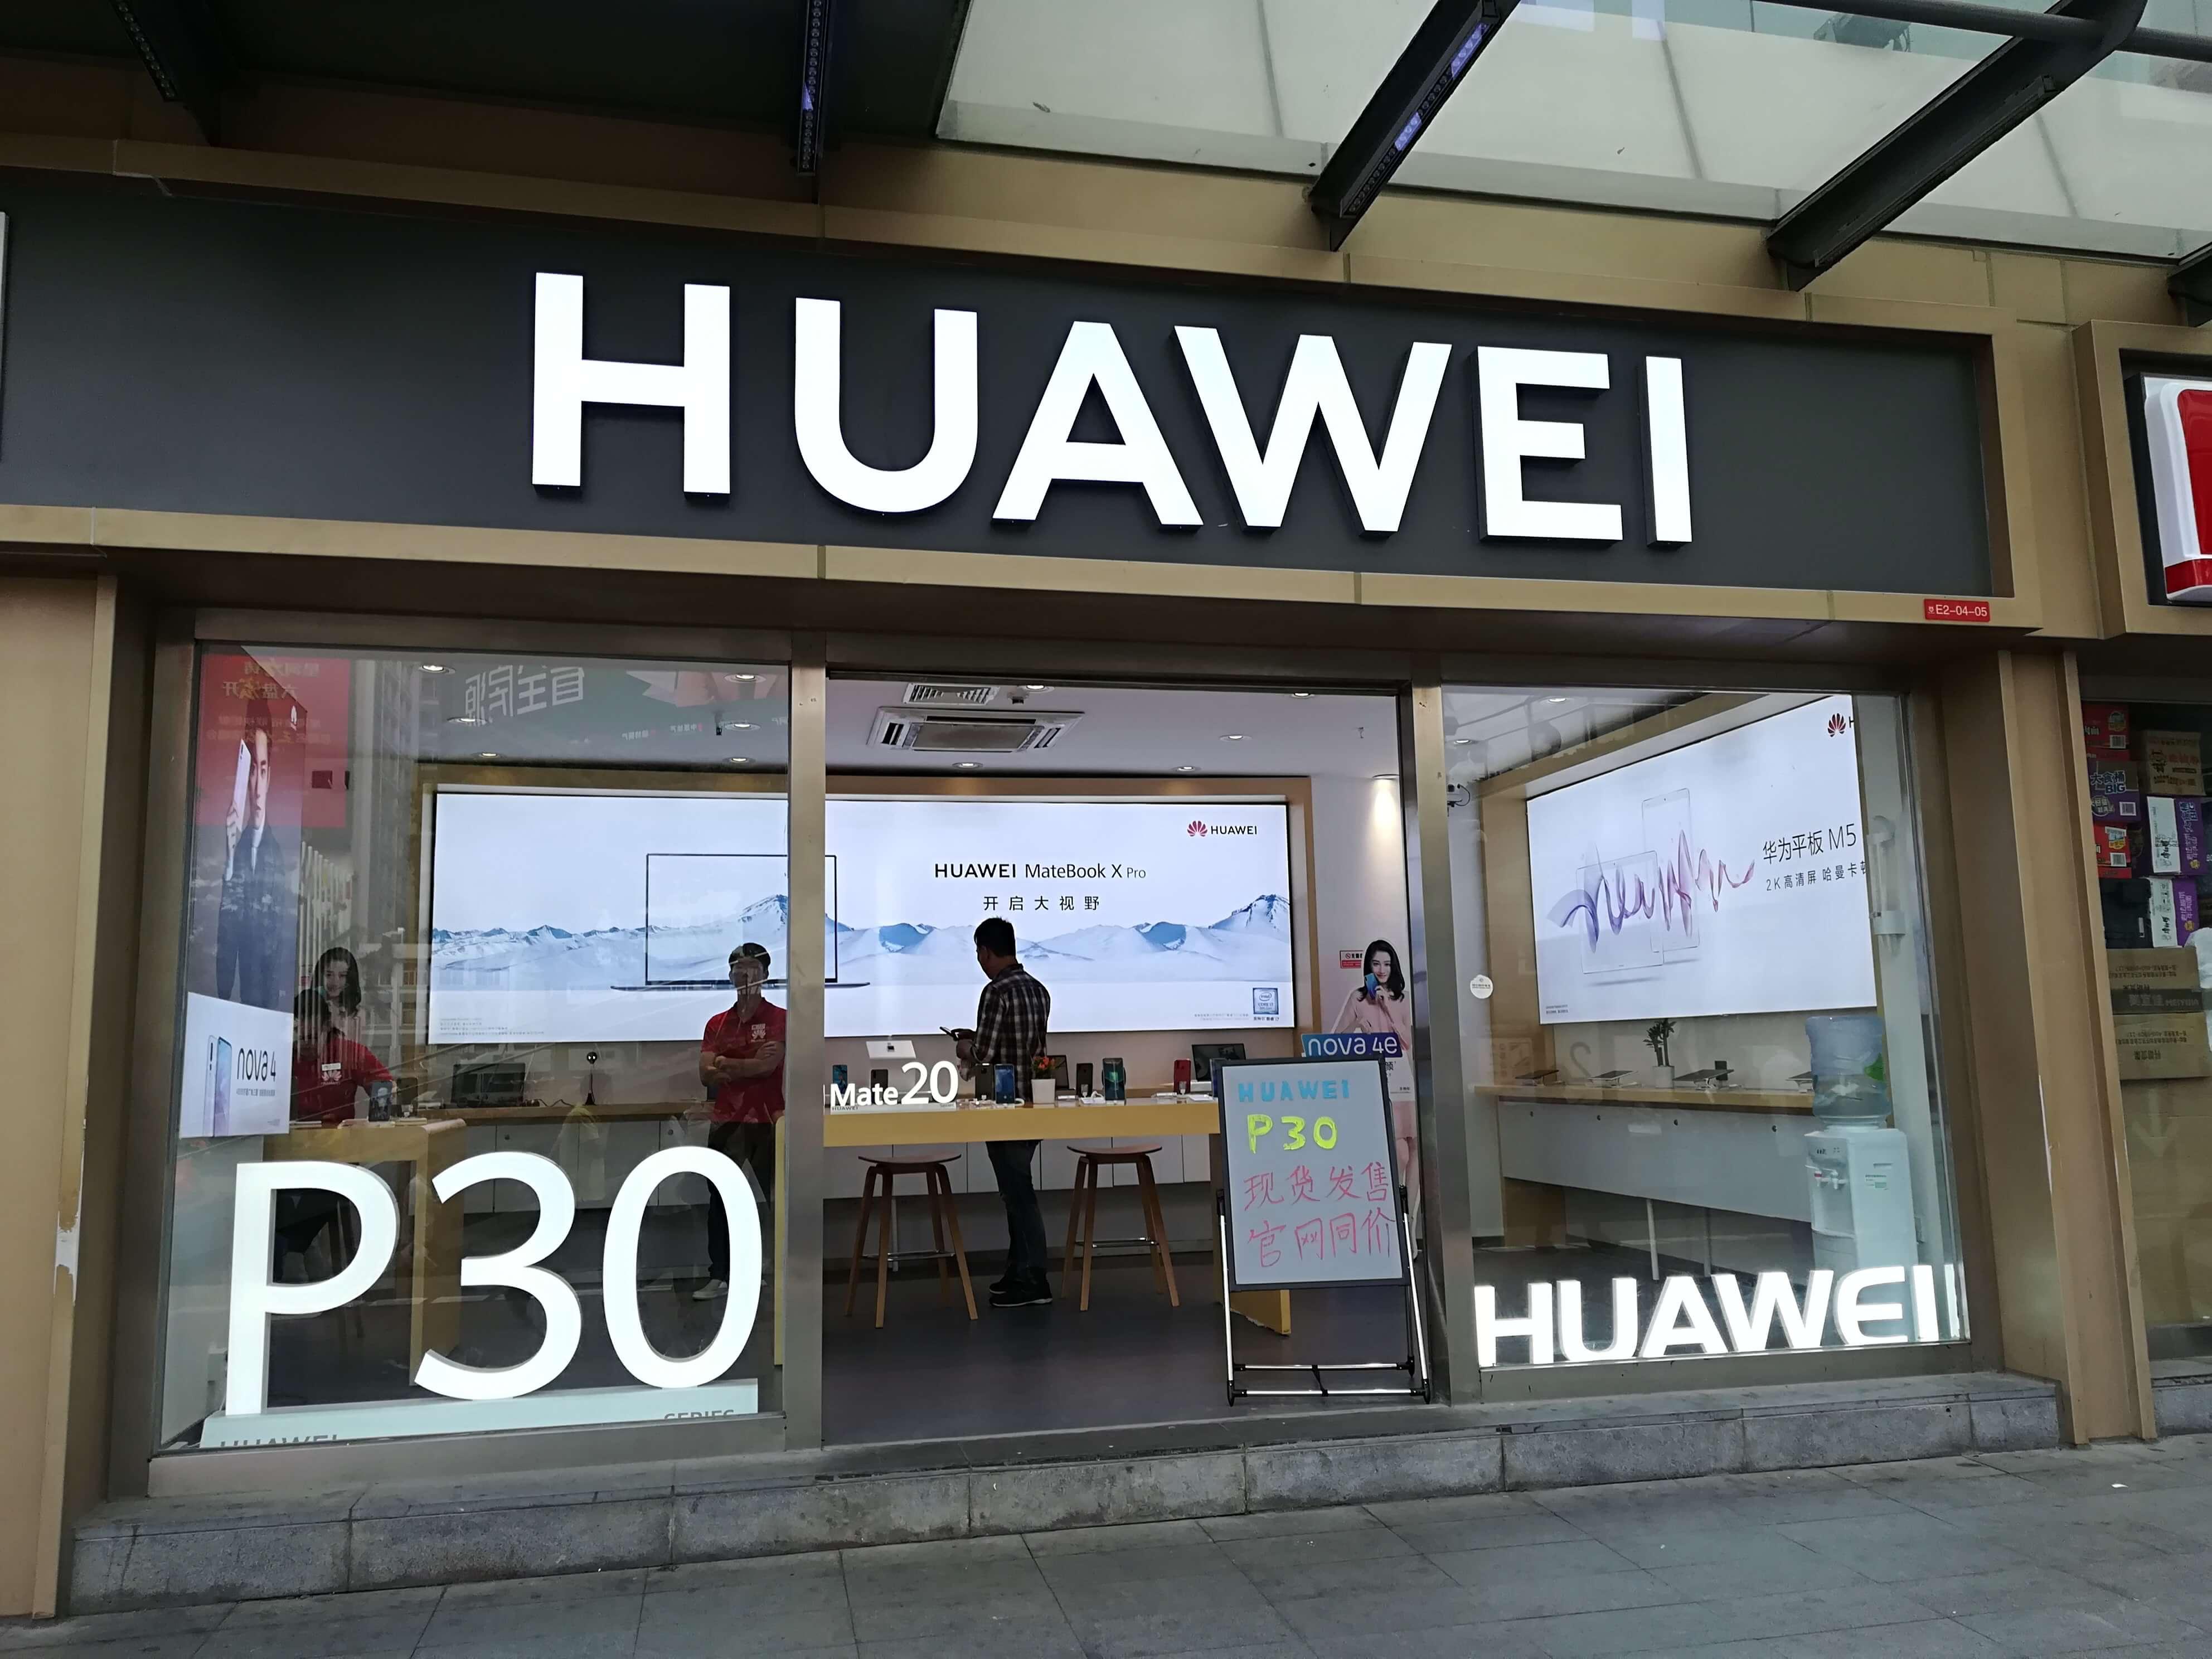 中国のホットな話題 中国「AI・IT」に囲まれた経済ビジネス都市へ 今後の東京都日中会員W募集にも